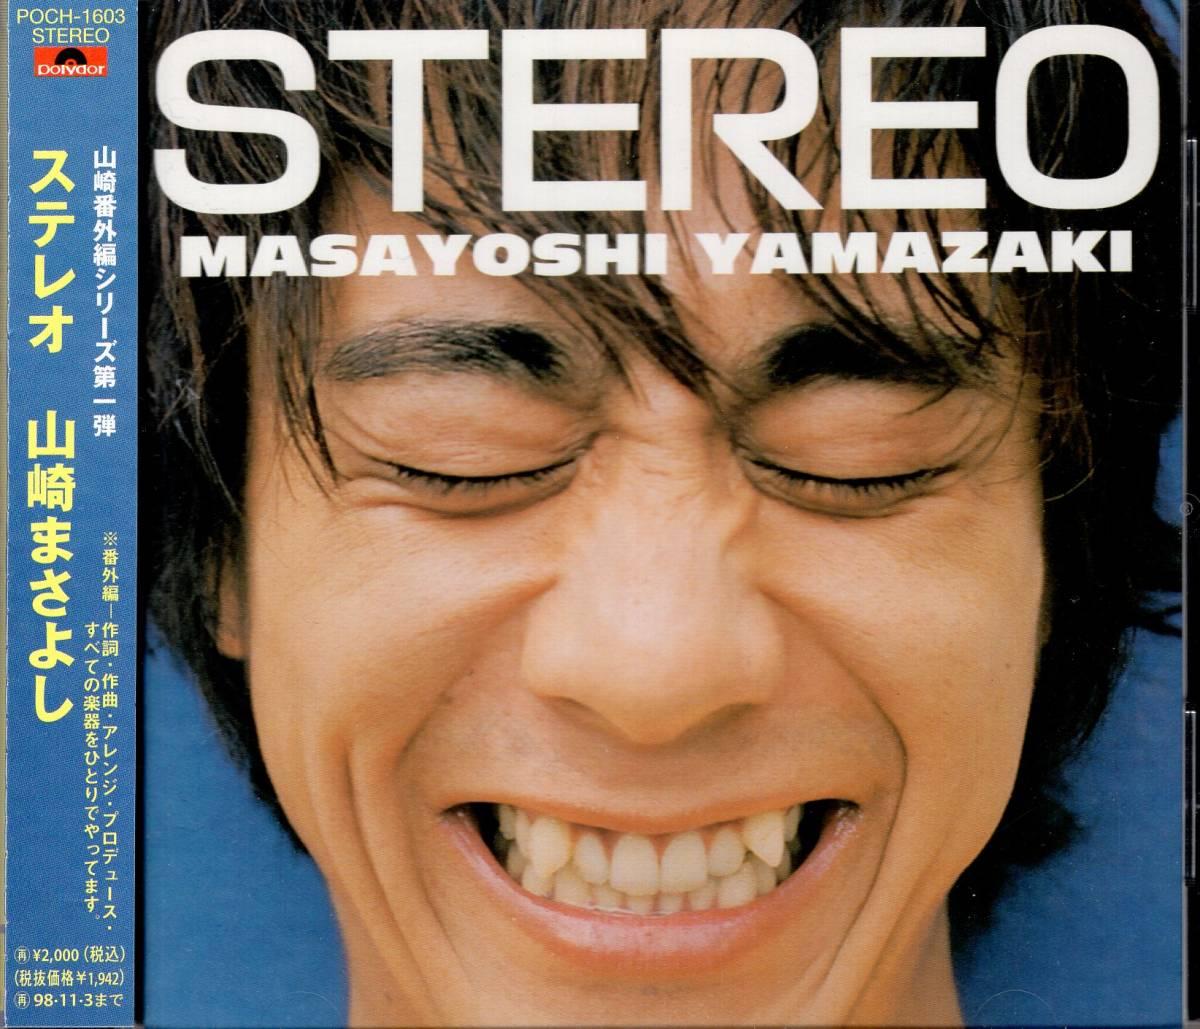 Cd) Masayoshi Yamazaki Stereo